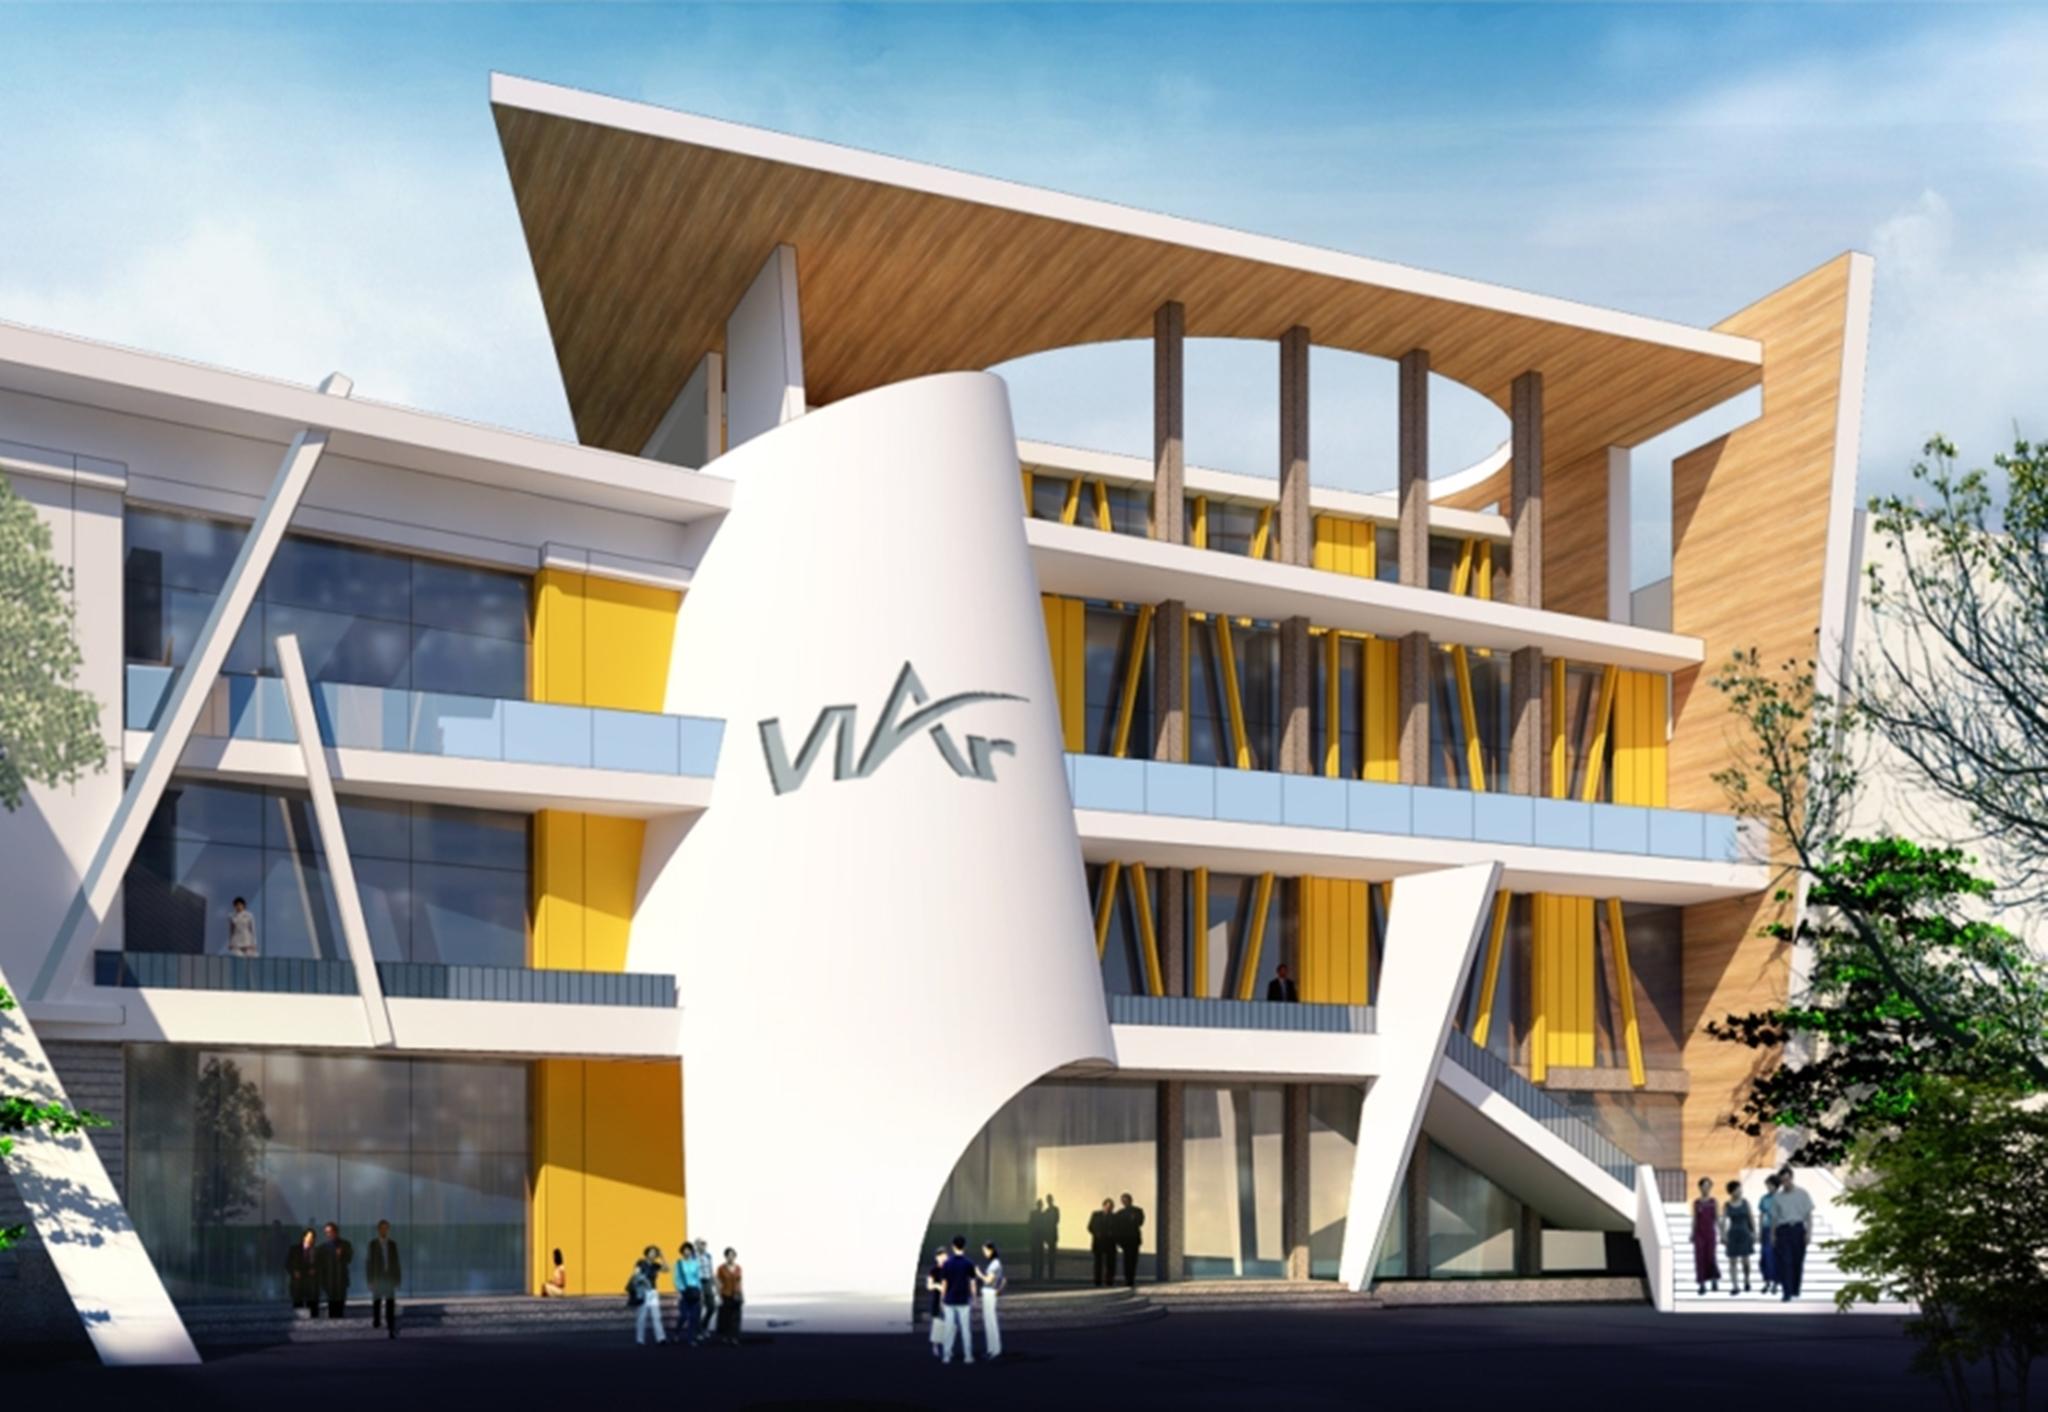 Viện Kiến trúc Quốc gia thông báo Tuyển sinh đào tạo trình độ tiến sĩ năm 2020